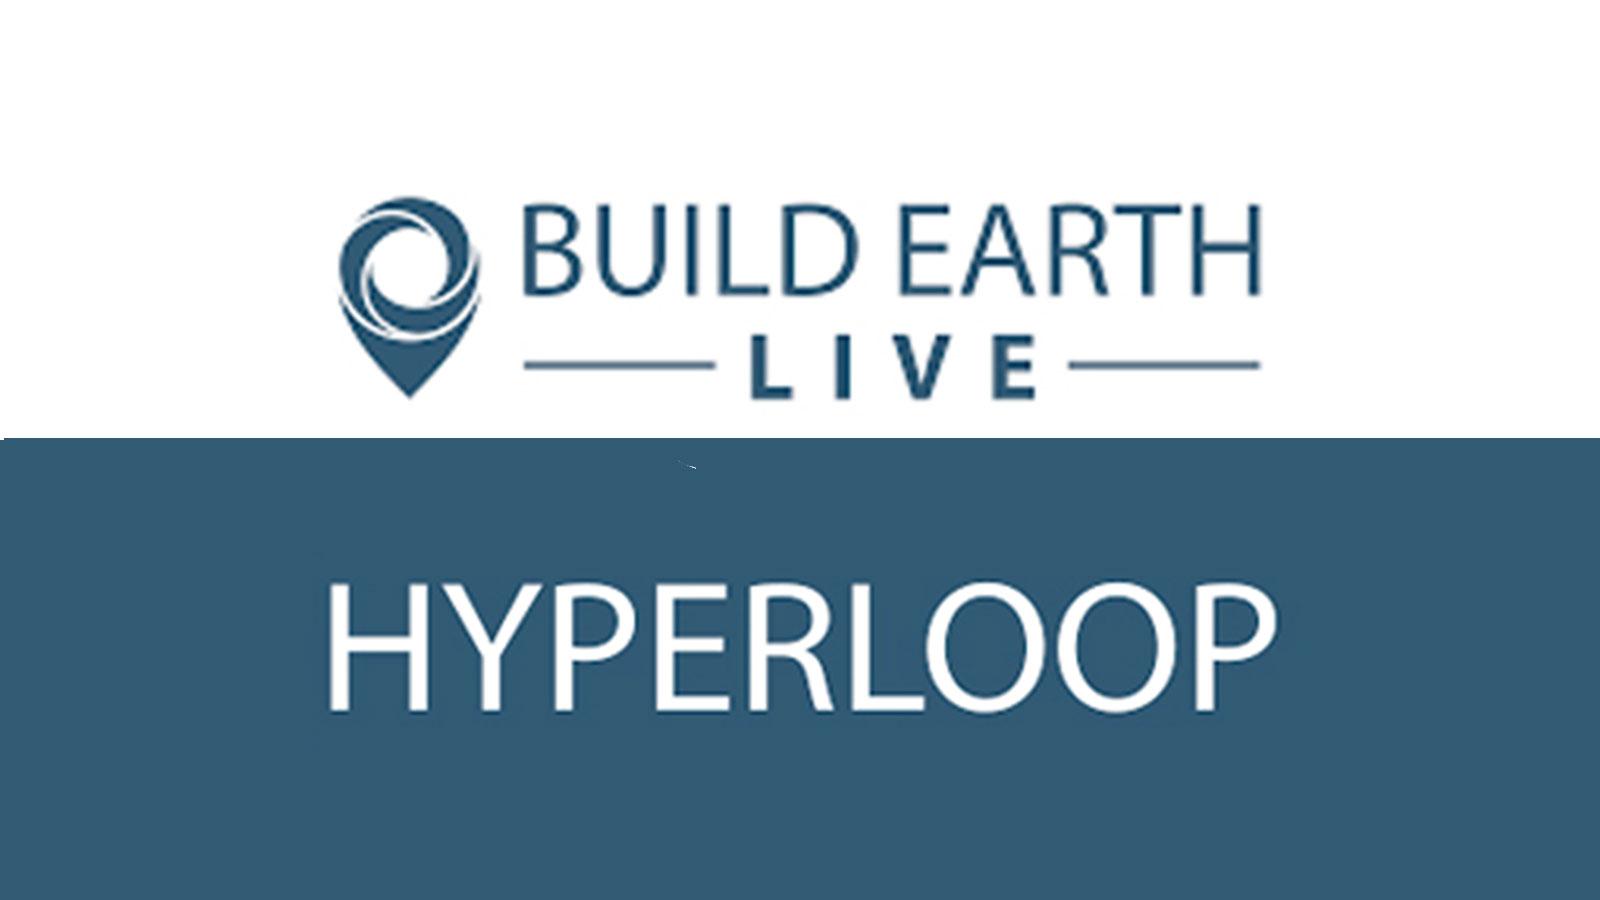 Build Earth Live Hyperloop